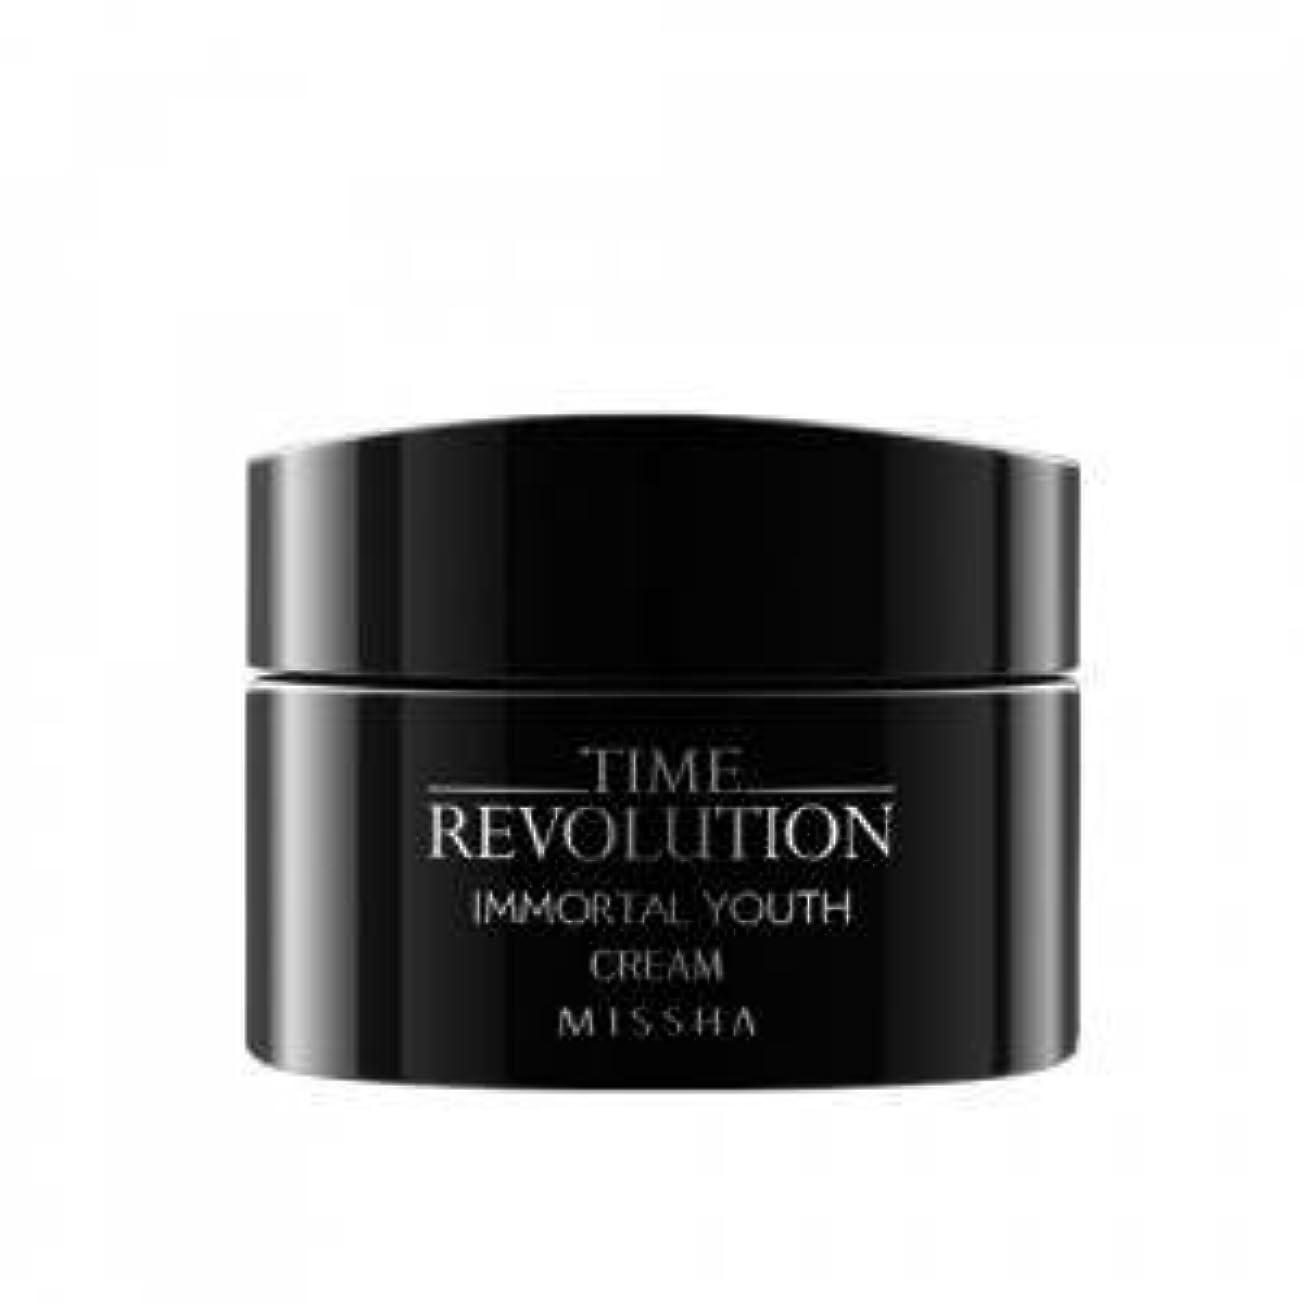 判読できないつぶすかわす【MISSHA (ミシャ)】 Time Revolution Immortal Youth Cream タイムレボリューション イモータルユース クリーム